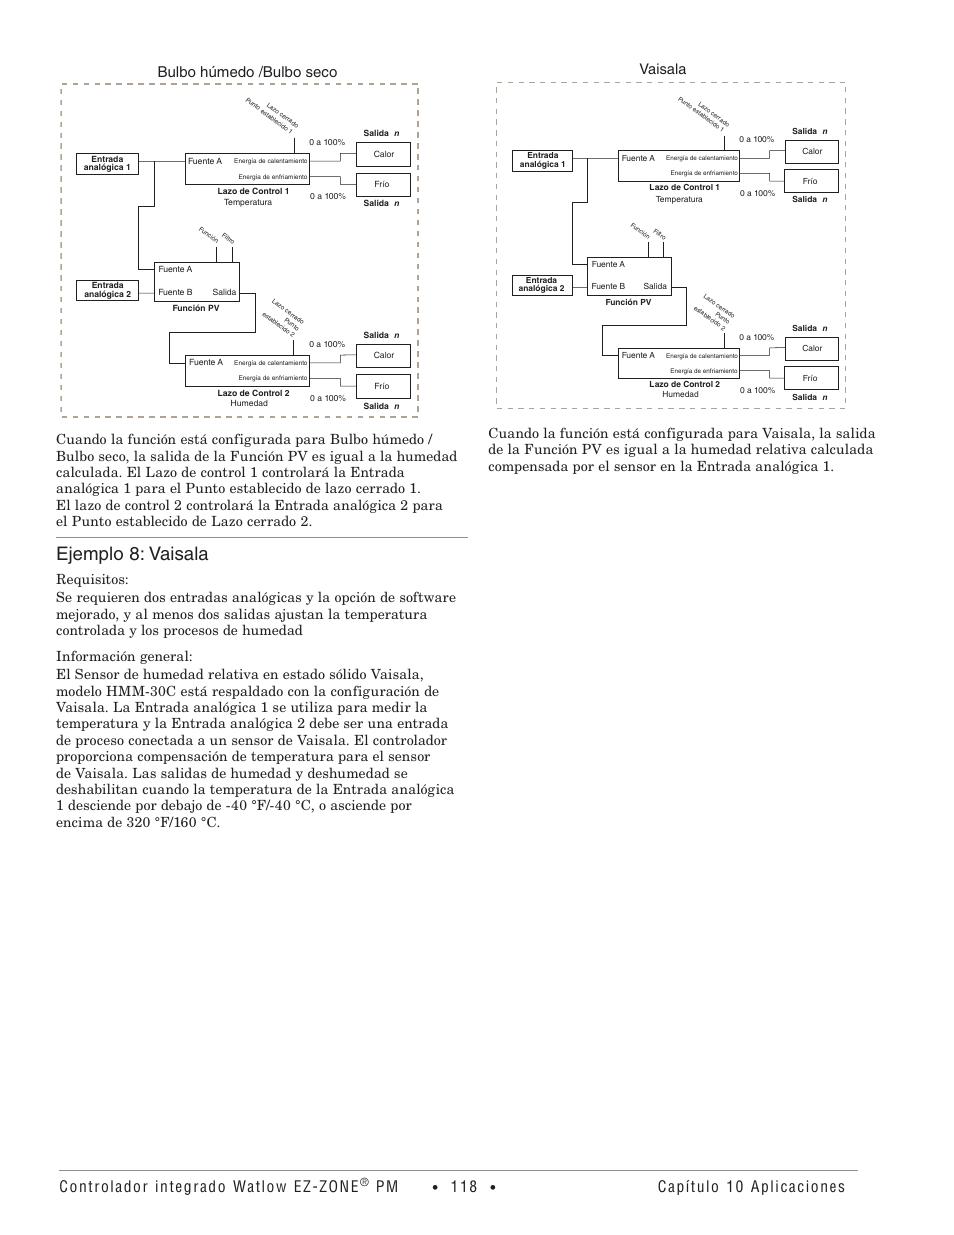 ejemplo 8 vaisala, controlador integrado watlow ez zone, capítulo EZ Golf Cart Wiring Diagram ejemplo 8 vaisala, controlador integrado watlow ez zone, capítulo 10 aplicaciones